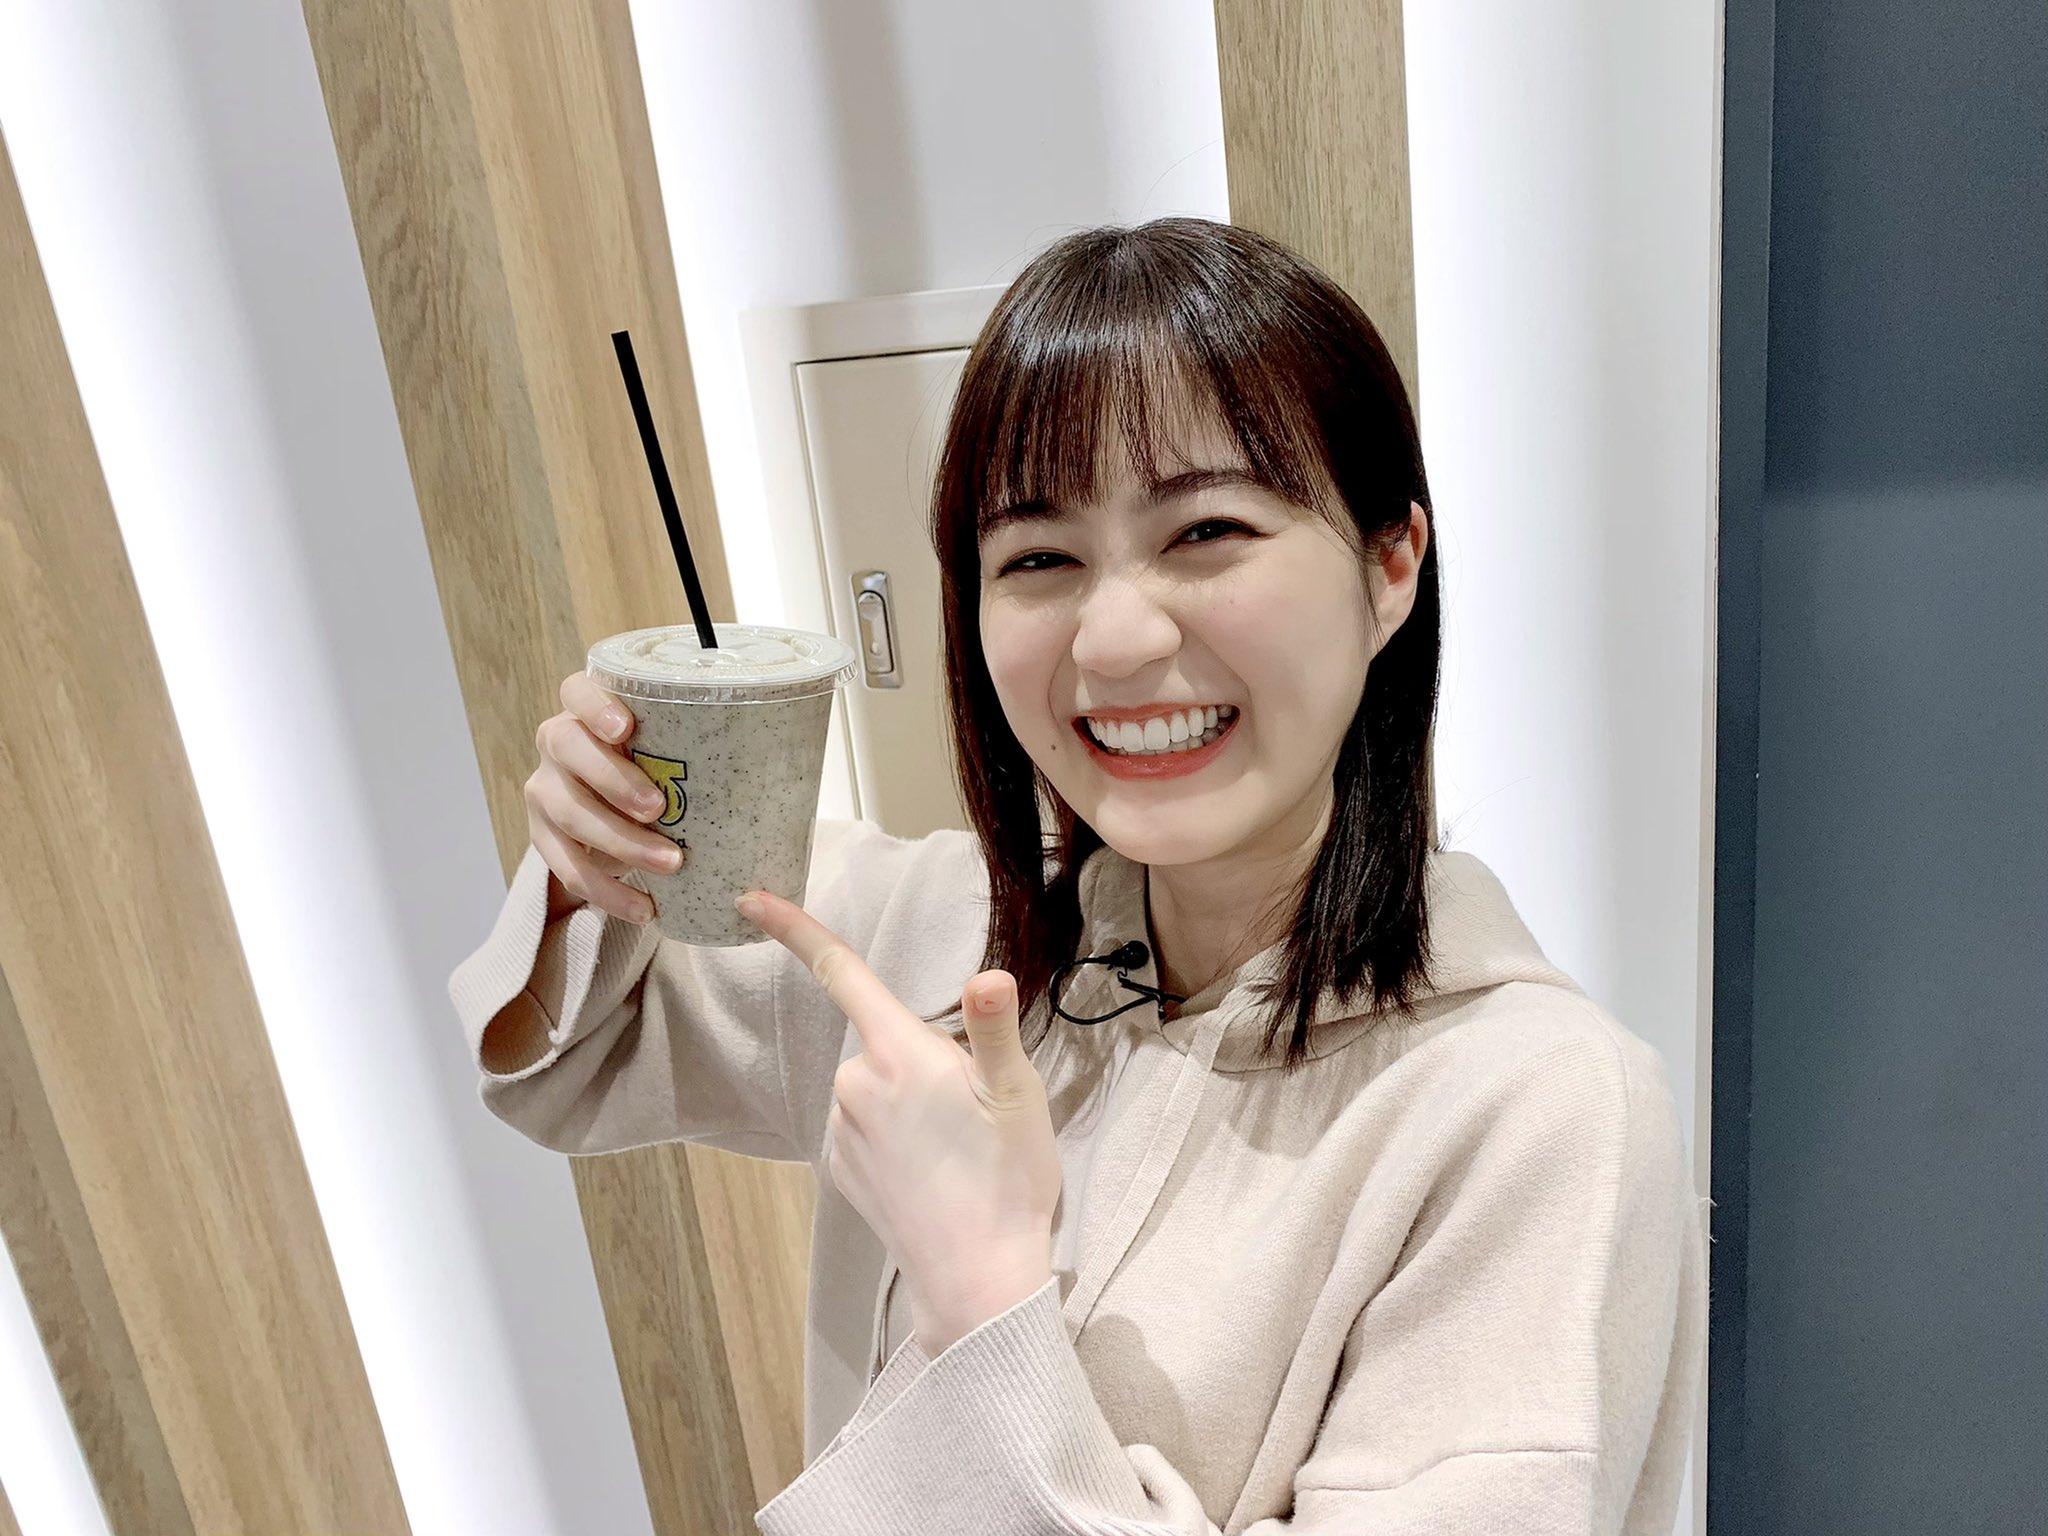 乃木坂1期実況中 おいシャン鑑賞中にバナナジュースで盛り上がる生田絵梨花